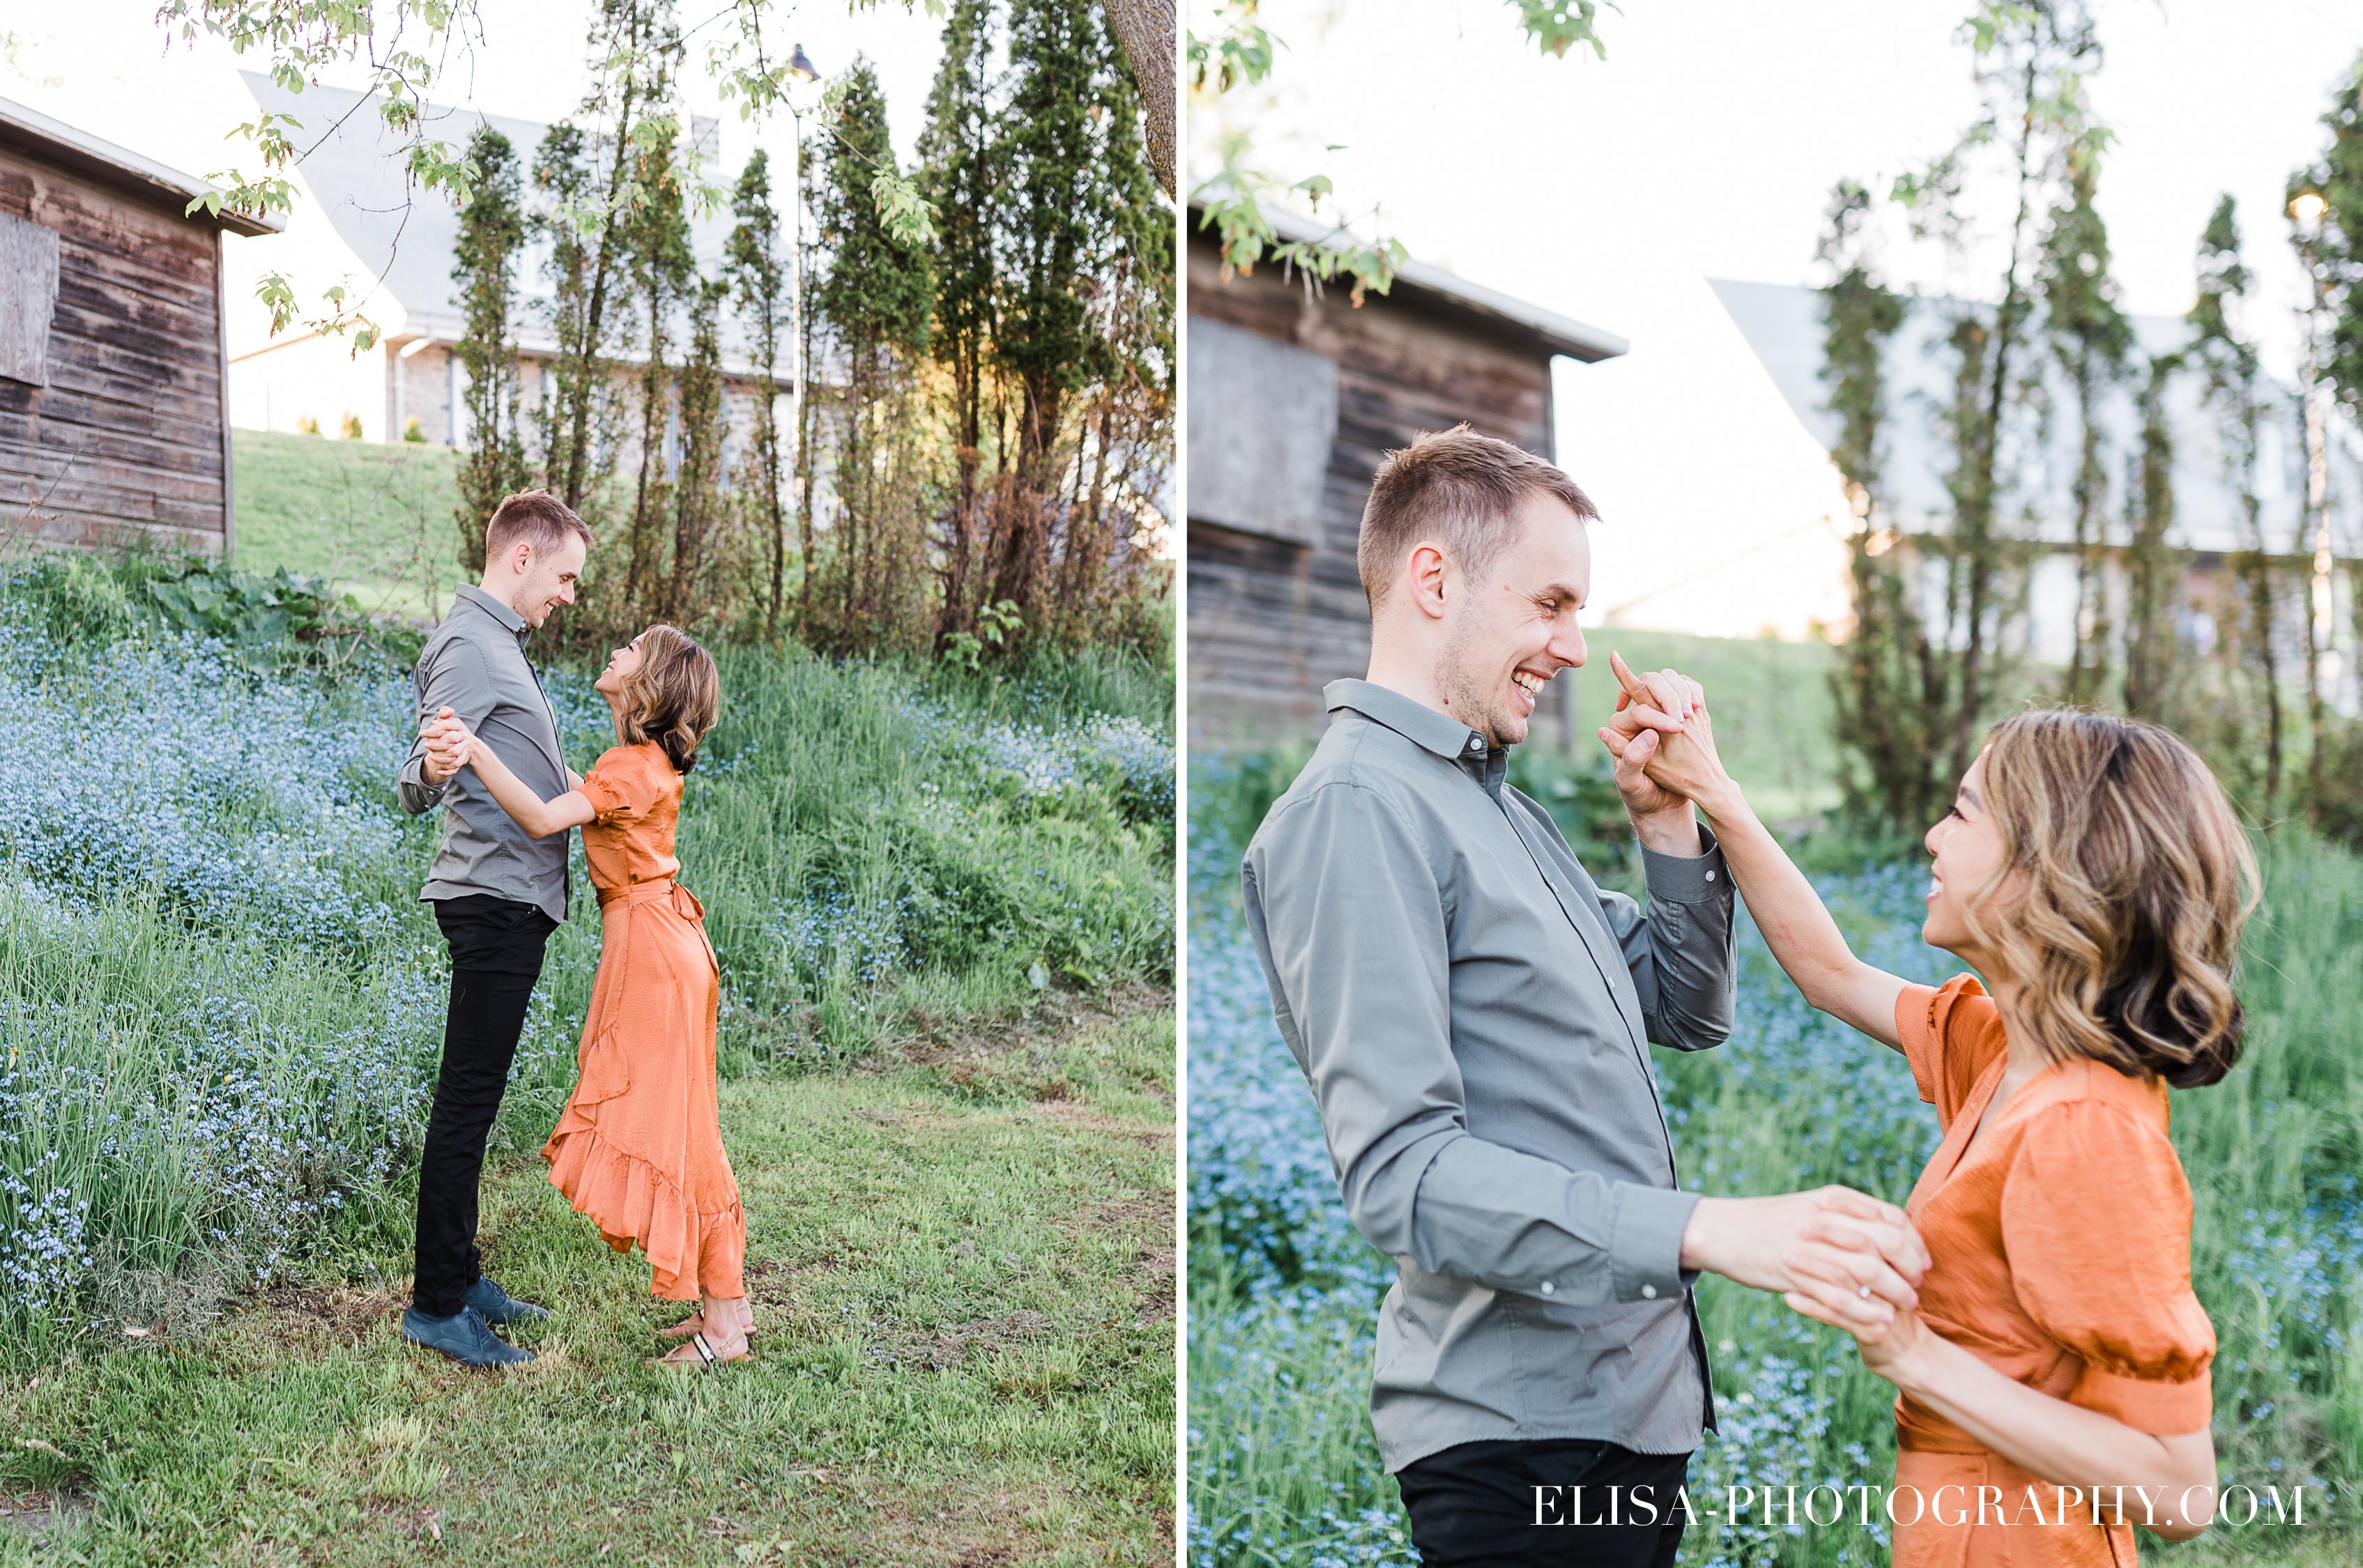 photos couple engagement fiancailles ville quebec canada manoir montmorenc champs elisa photographe mariage - Séance photo de couple au manoir Montmorency à Québec